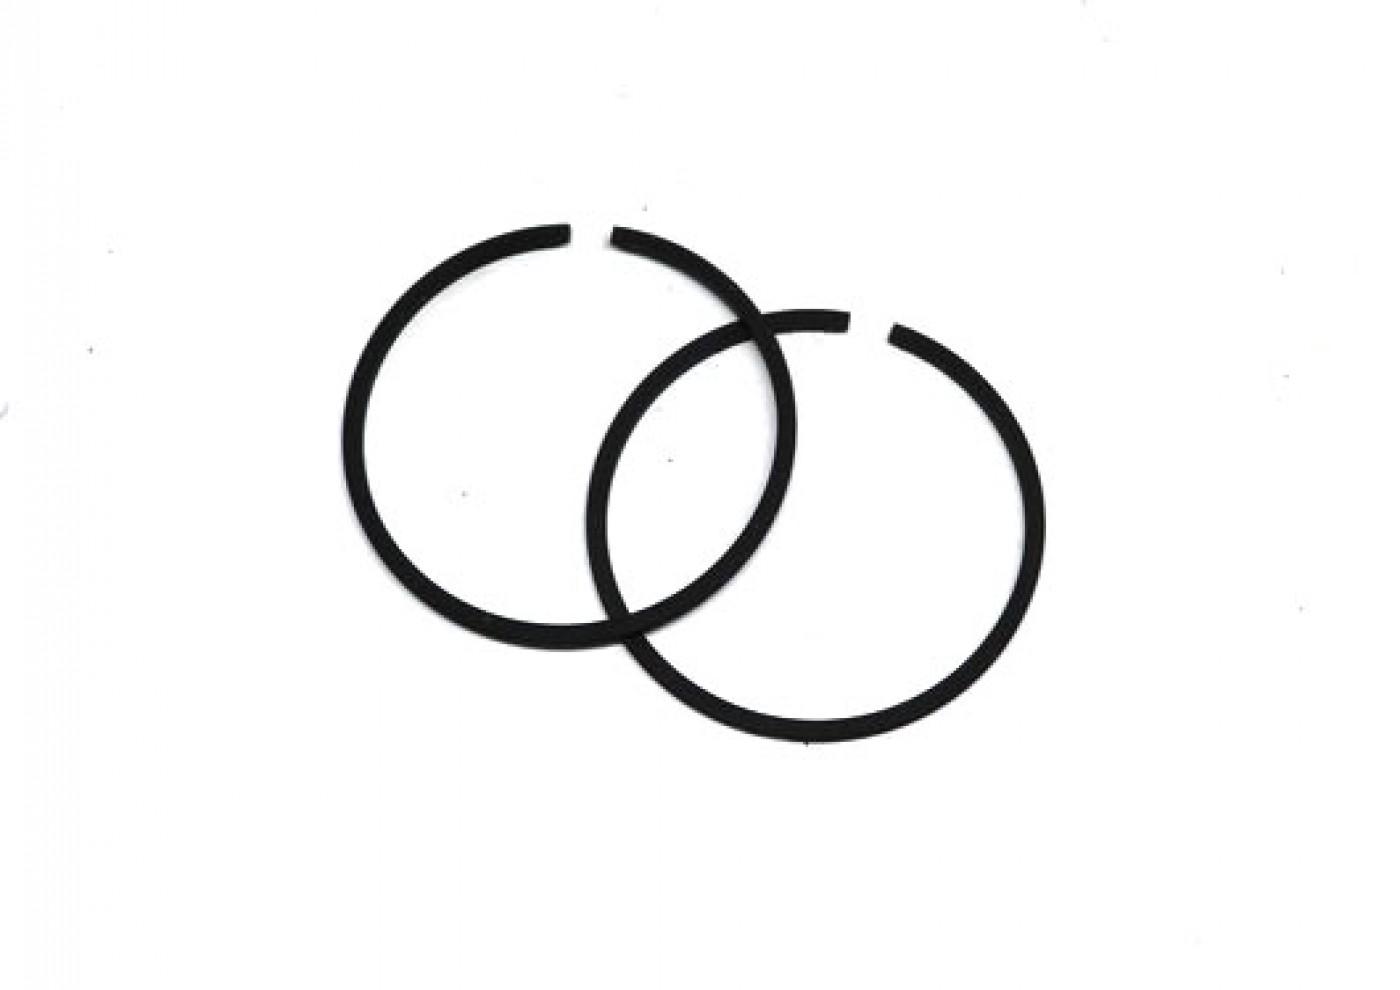 Sada pístních kroužků - 49 mm